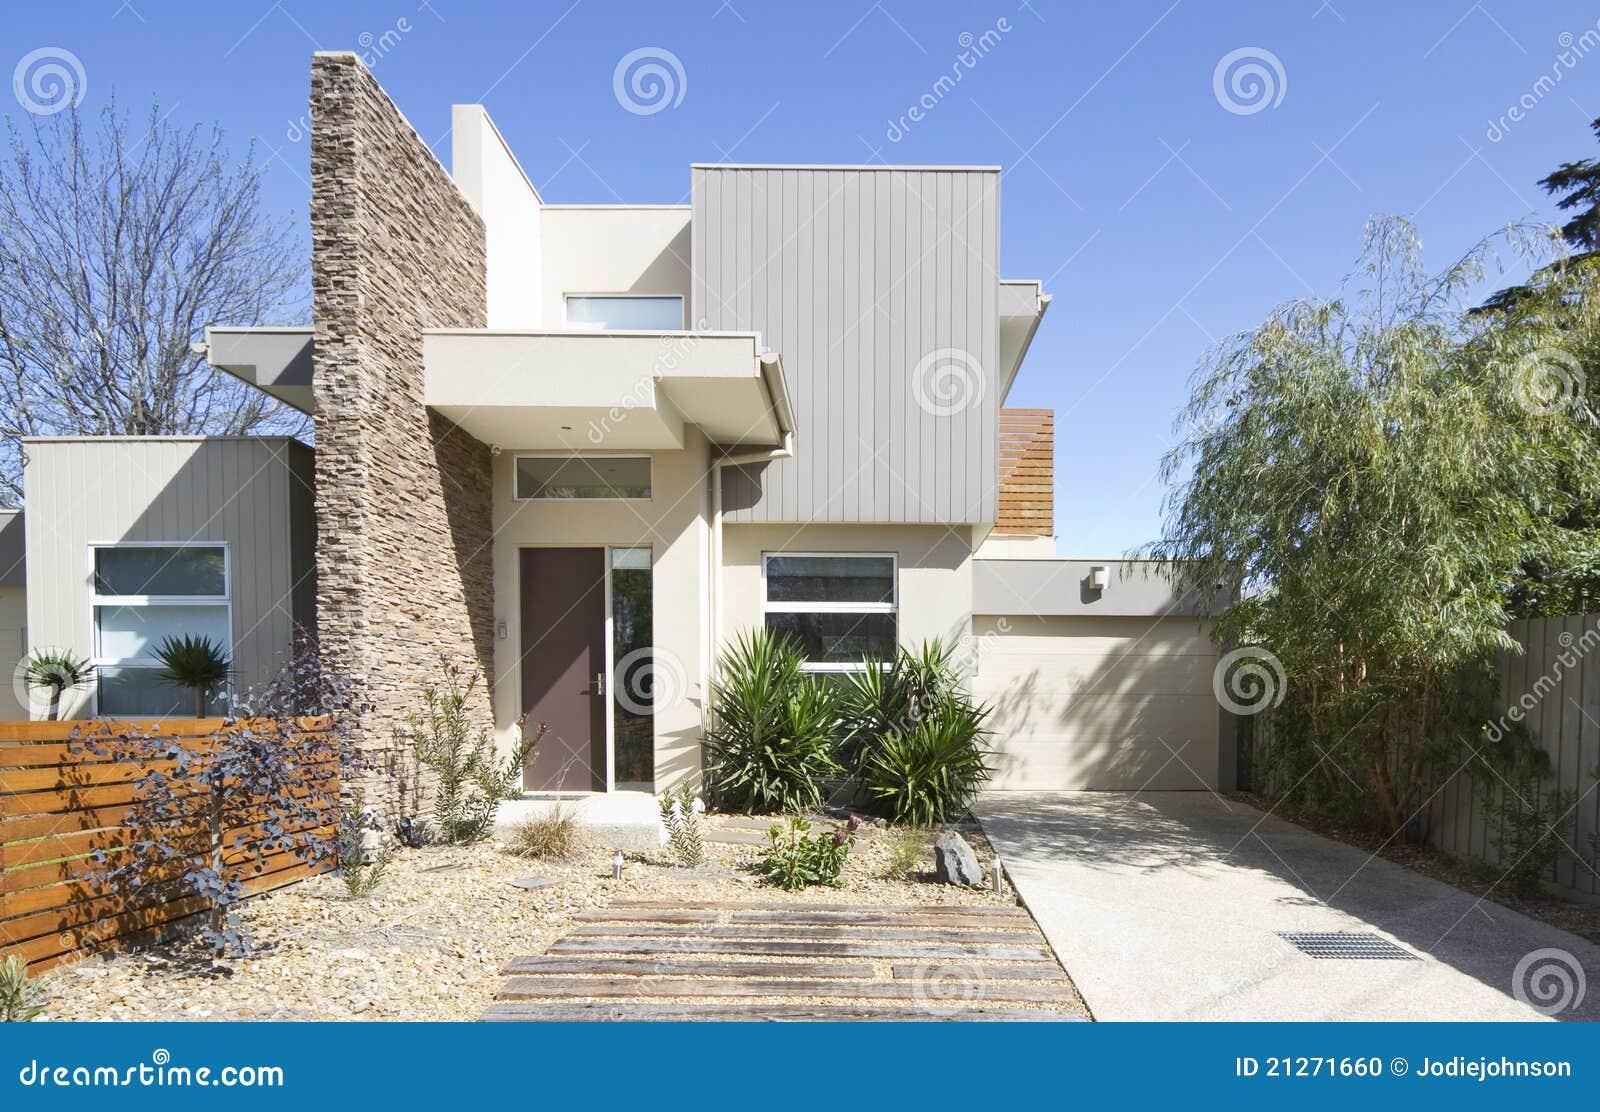 Facciata di una casa contemporanea della casa urbana for Porte della casa di tronchi